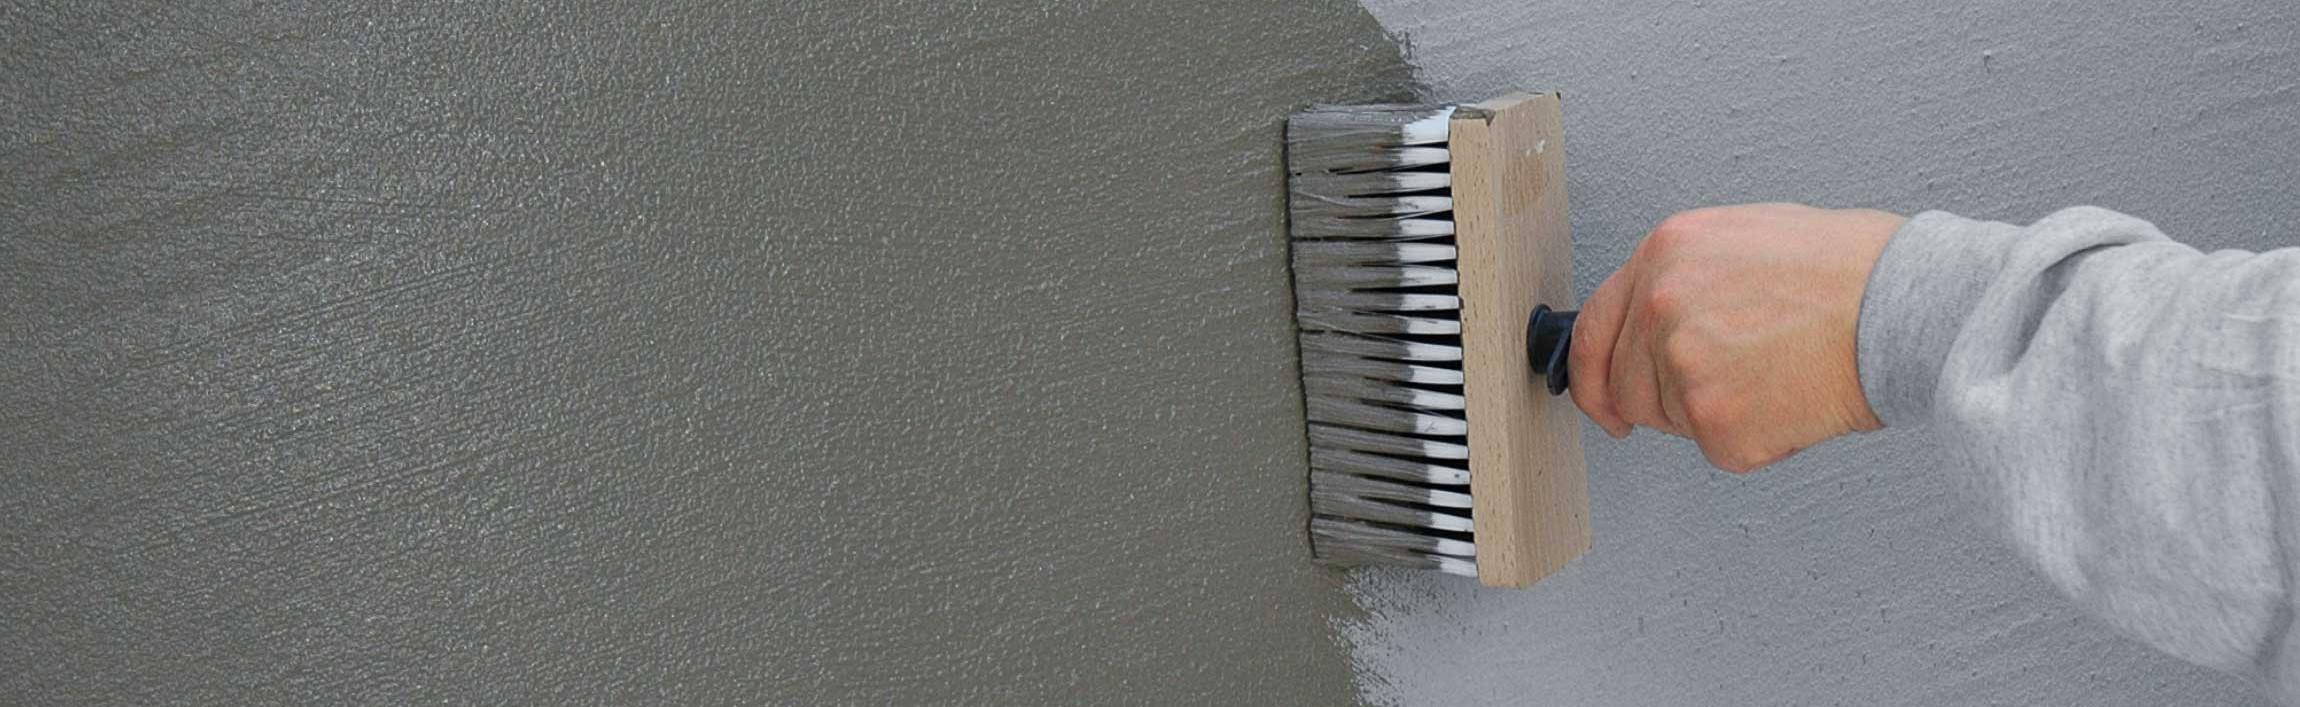 parede-chapisco-impermeabilizacao-pintura-cor-argamassa-decoracao-acabamento